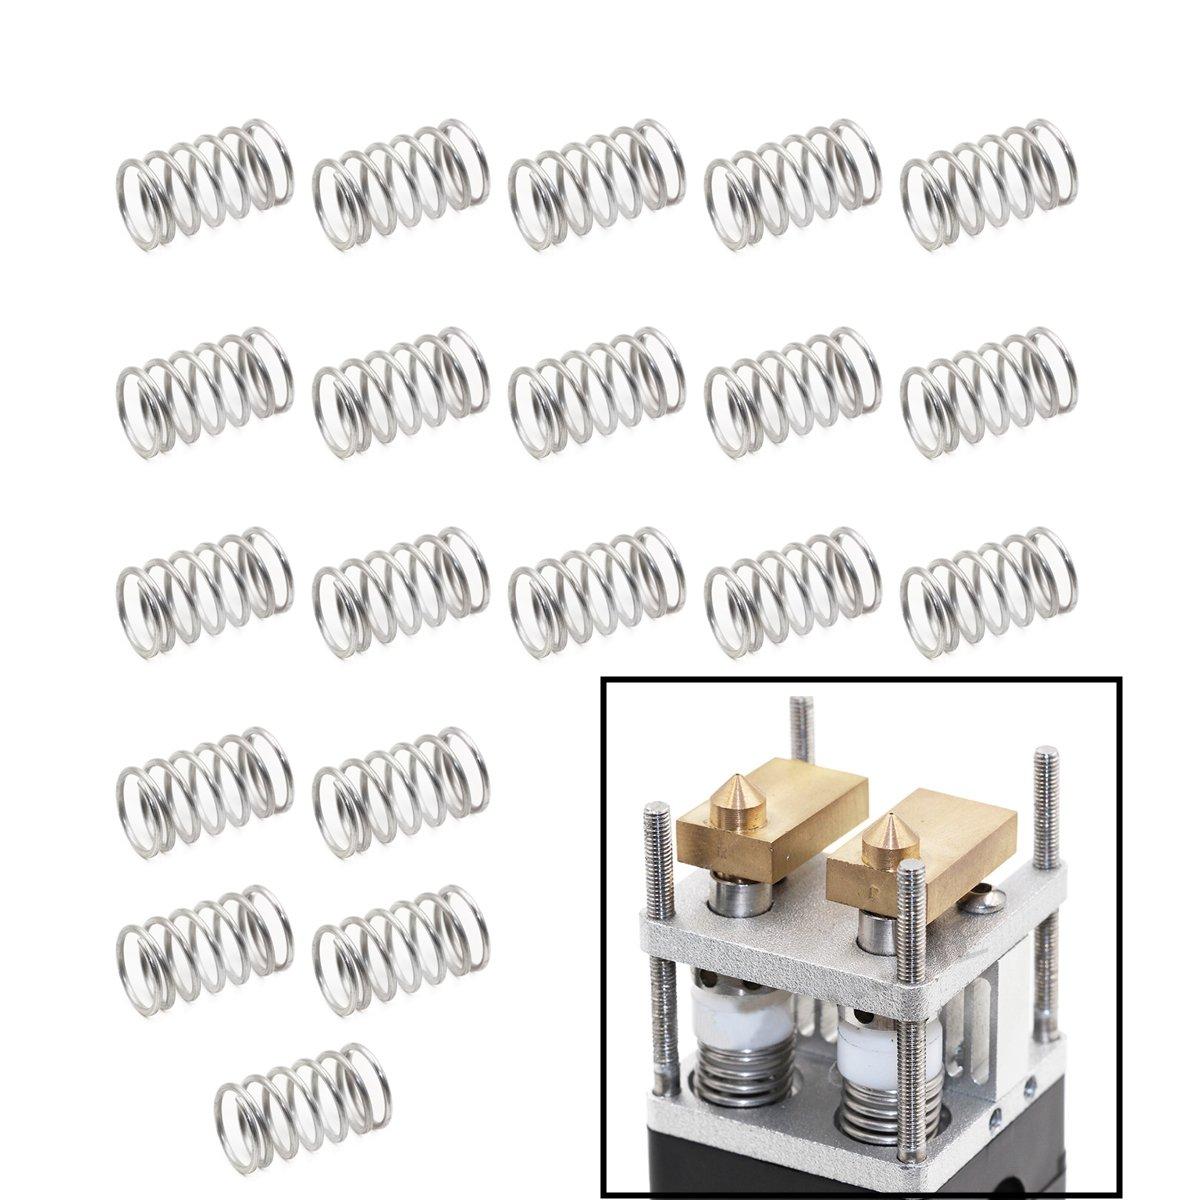 WINSINN 3D Printer Extruder Spring for Ultimaker 2 UM2 Hotend Nozzle 1x10.7x17.5x7 mm Accessories Parts(Pack of 20Pcs) WINSINN Technology Ltd